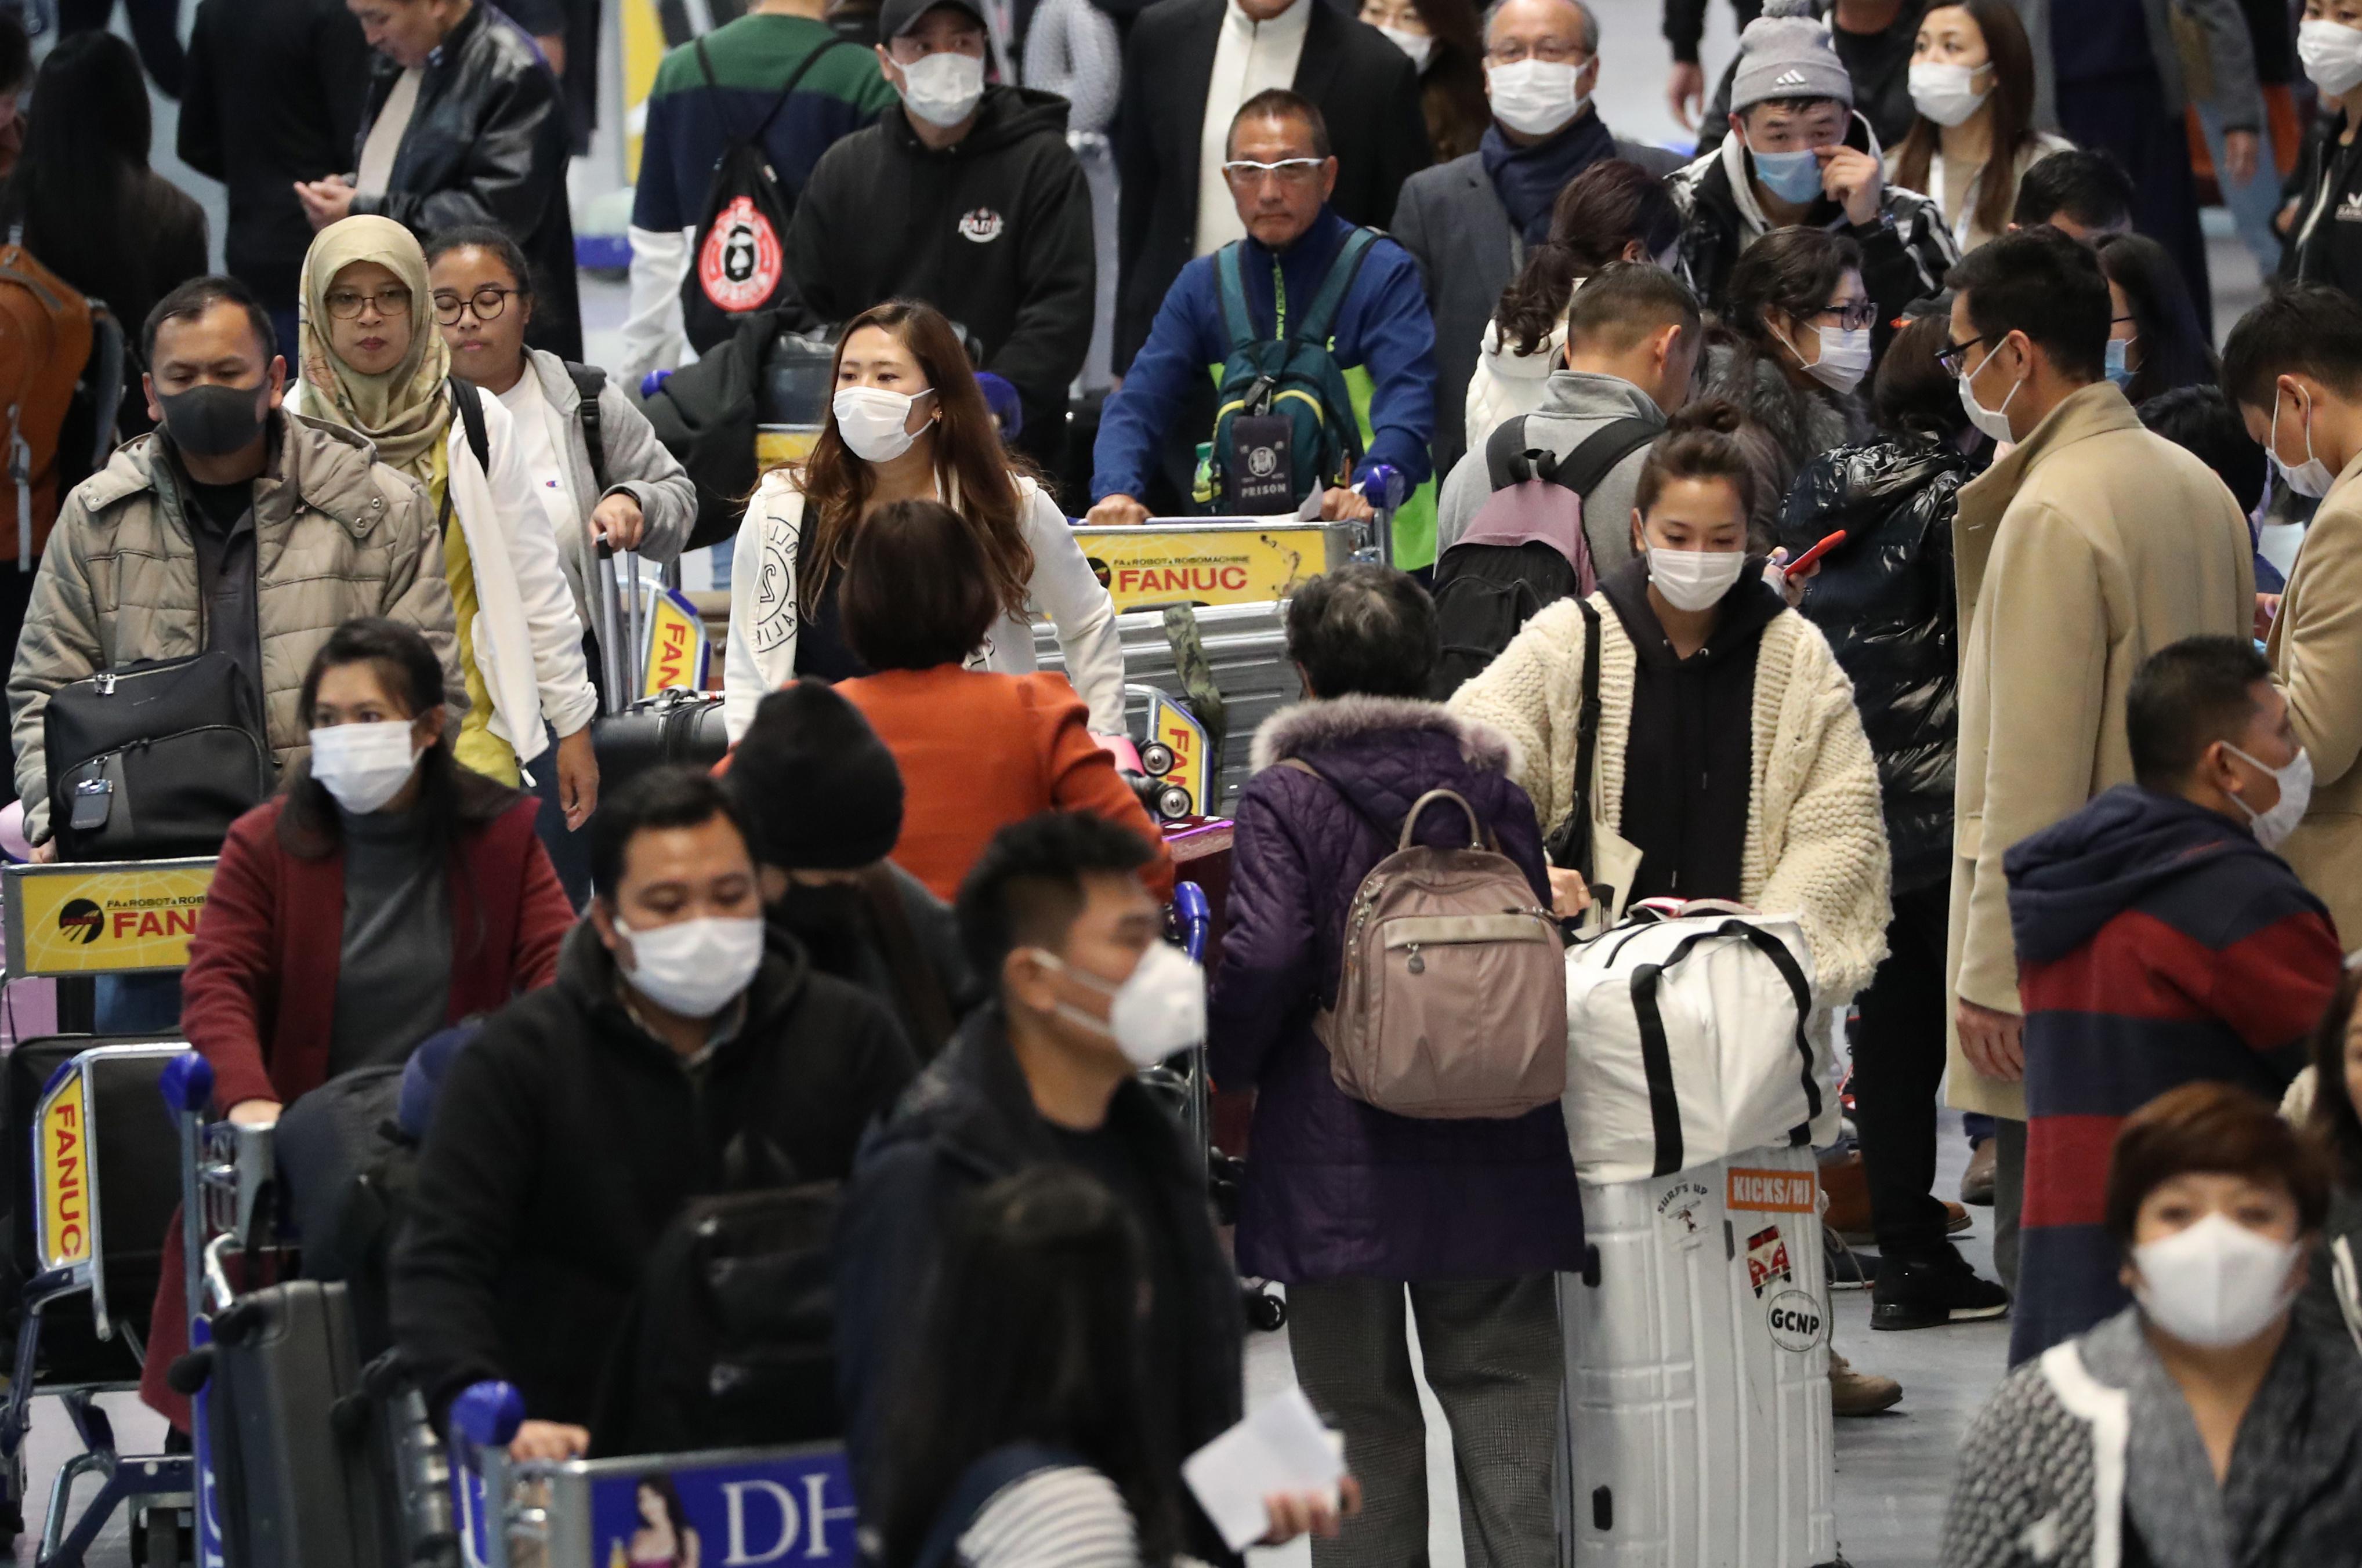 A BGE szerint a közösség szempontjából szükséges lépés, hogy a Vuhan-vírus miatt kitiltották a kínai hallgatókat az óráikról